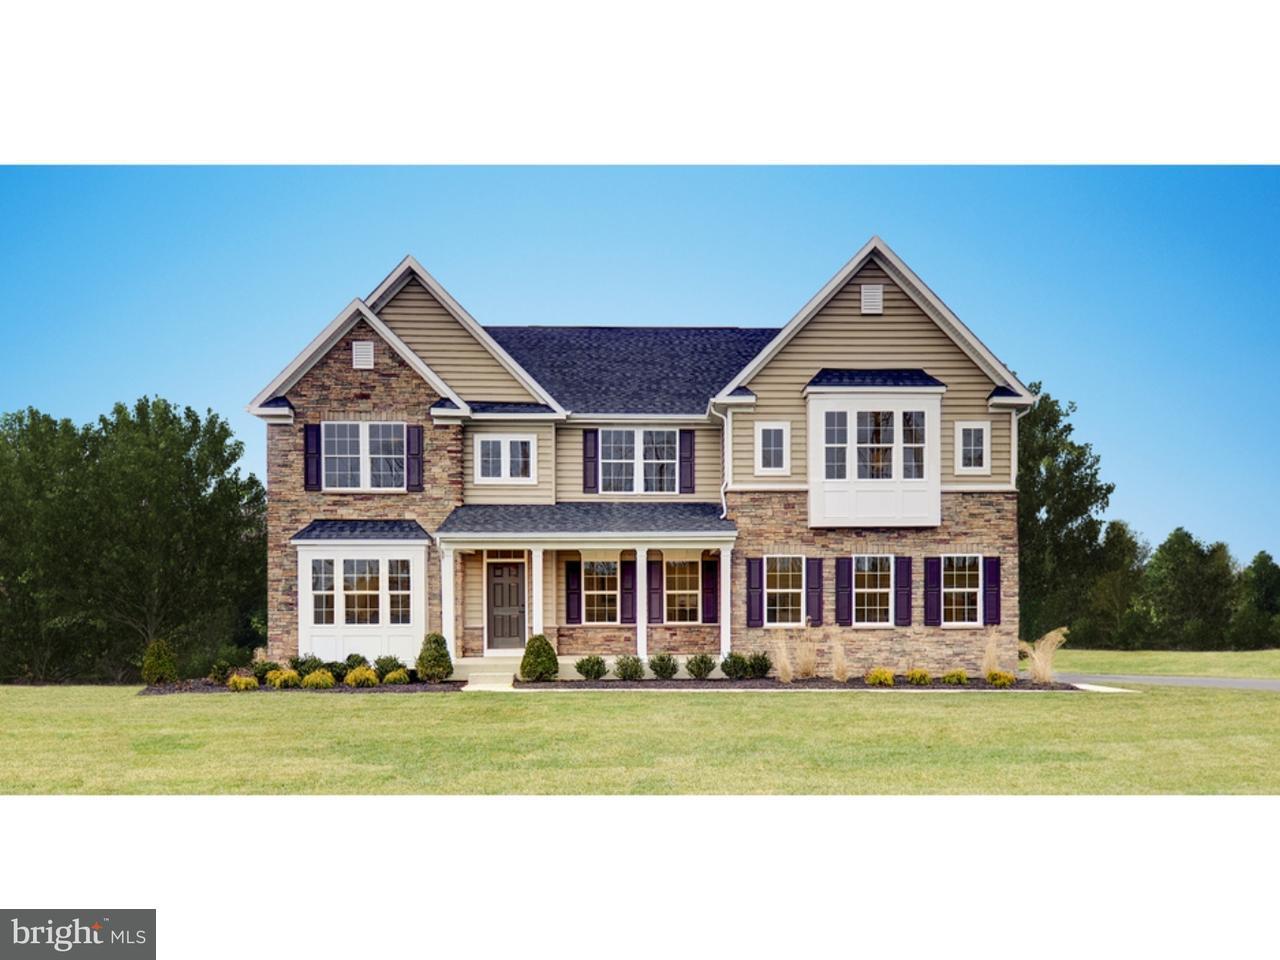 단독 가정 주택 용 매매 에 84 PETTITS BRIDGE Road Jamison, 펜실바니아 18929 미국